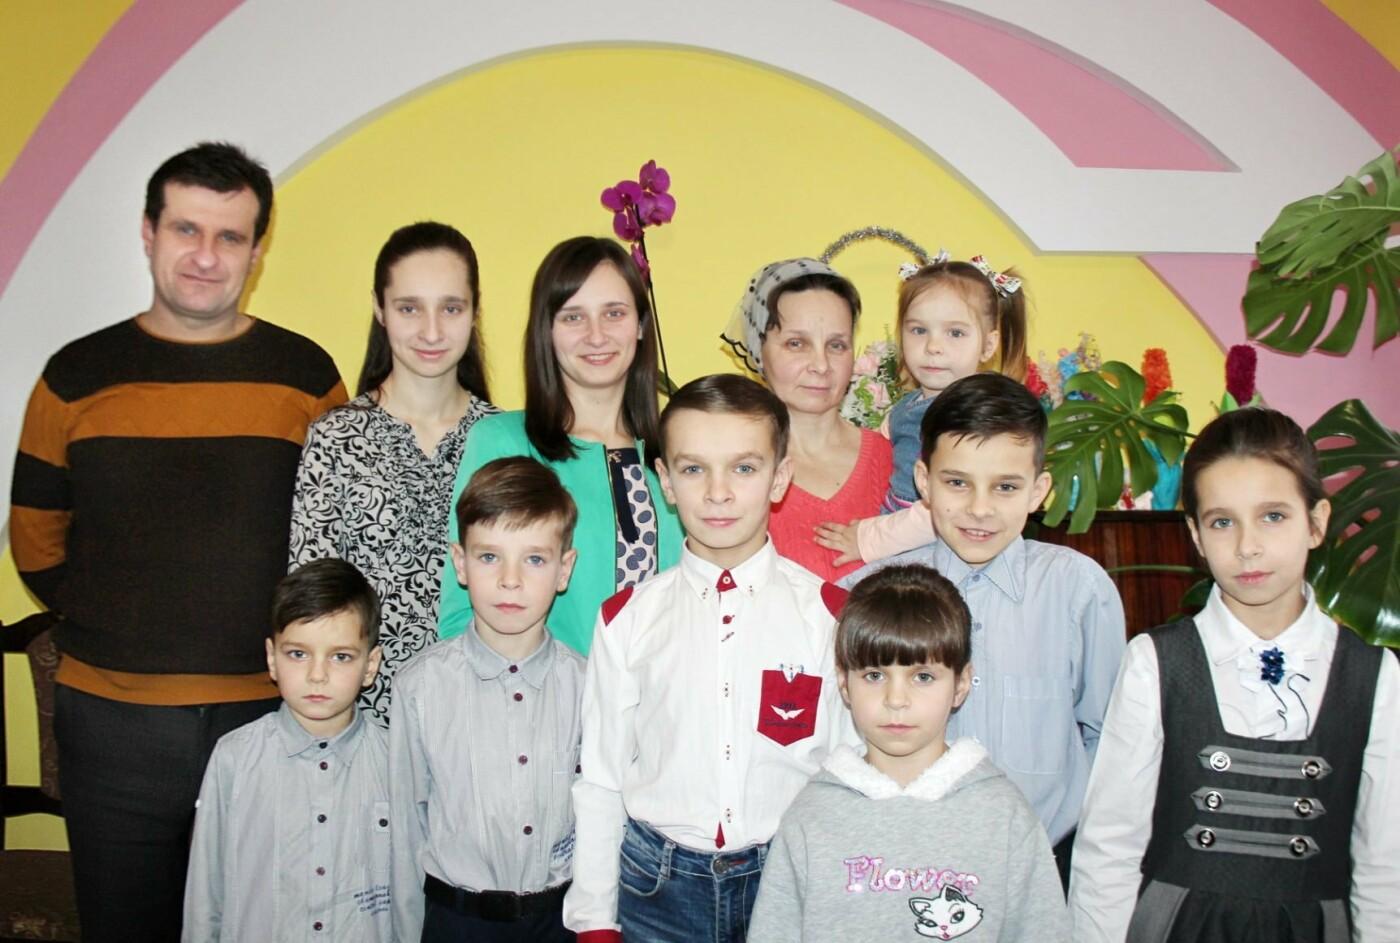 Кожній дитині Бог дає життя і обдаровує талантами: родина з Тернопільщини виховує дев'ятьох діток (ФОТО), фото-6